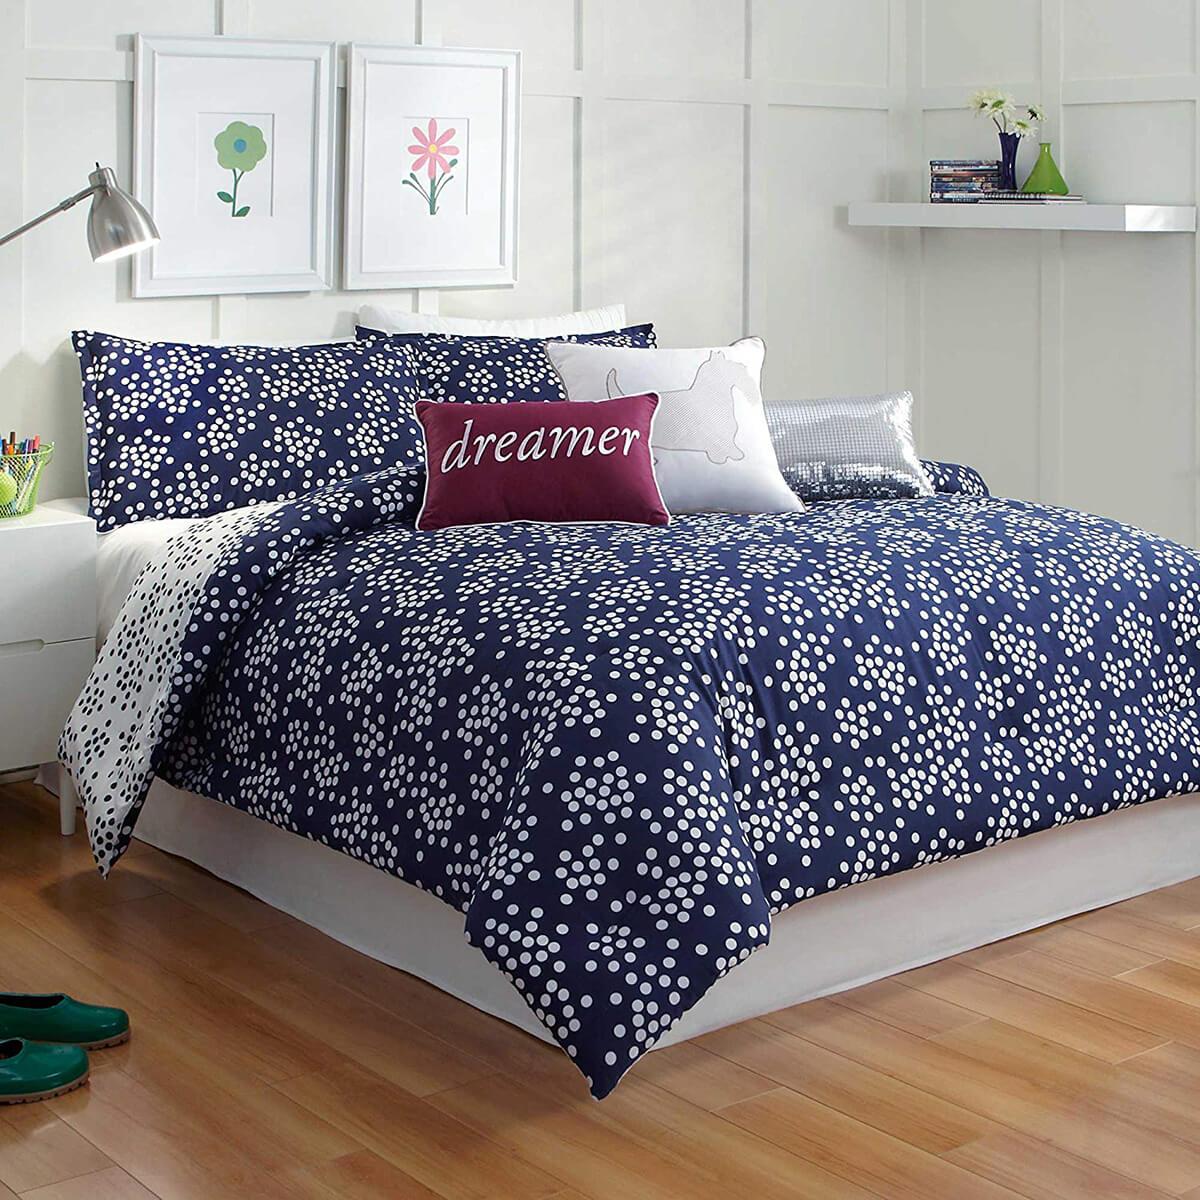 спальня в тёмно-синих тонах фото 9